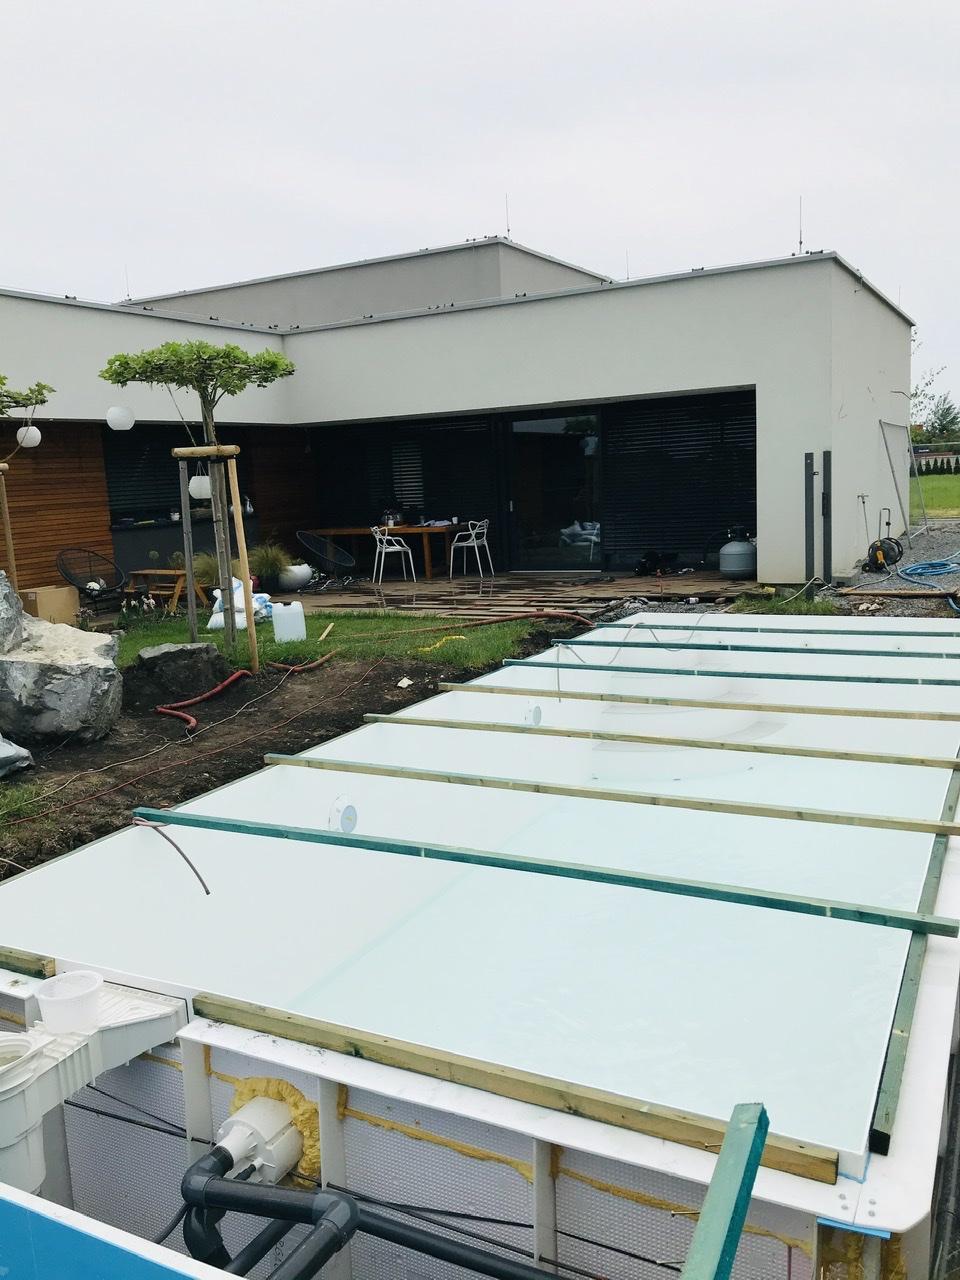 Naše L-ko - 2021 - stále dokončujeme - 7 deň - bazén v zemi a všade ako na bojisku... čaká sa na betonáž okolia.